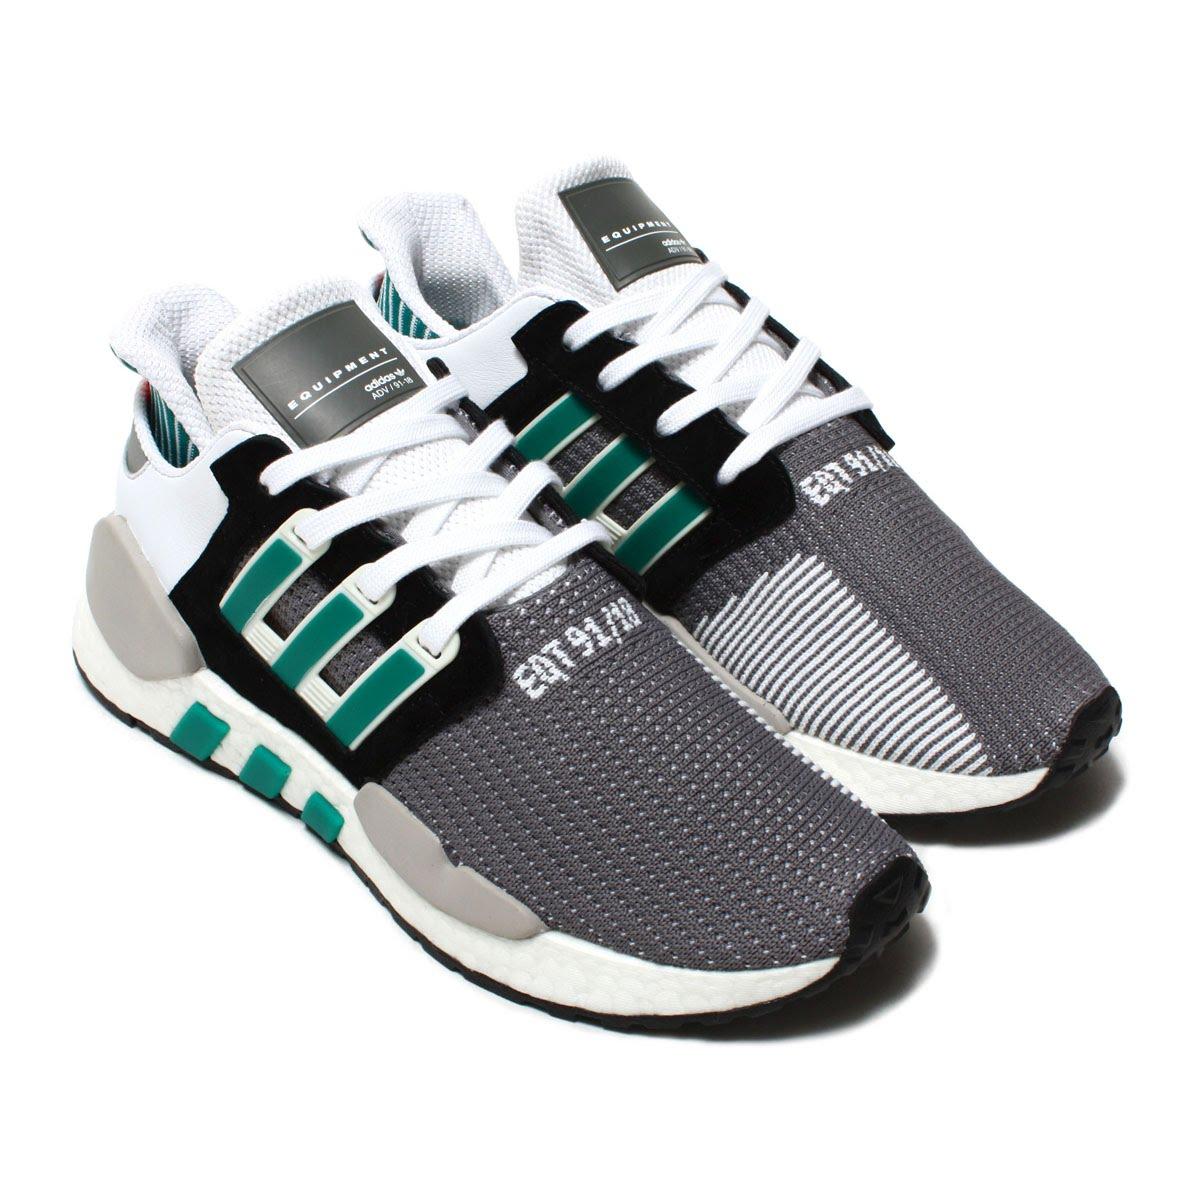 adidas Originals EQT SUPPORT 91 18 (Adidas originals E cue tea support 91 18)  CORE BLACK CLEAR GRANITE SUB GREEN 18FW-I d951dc178